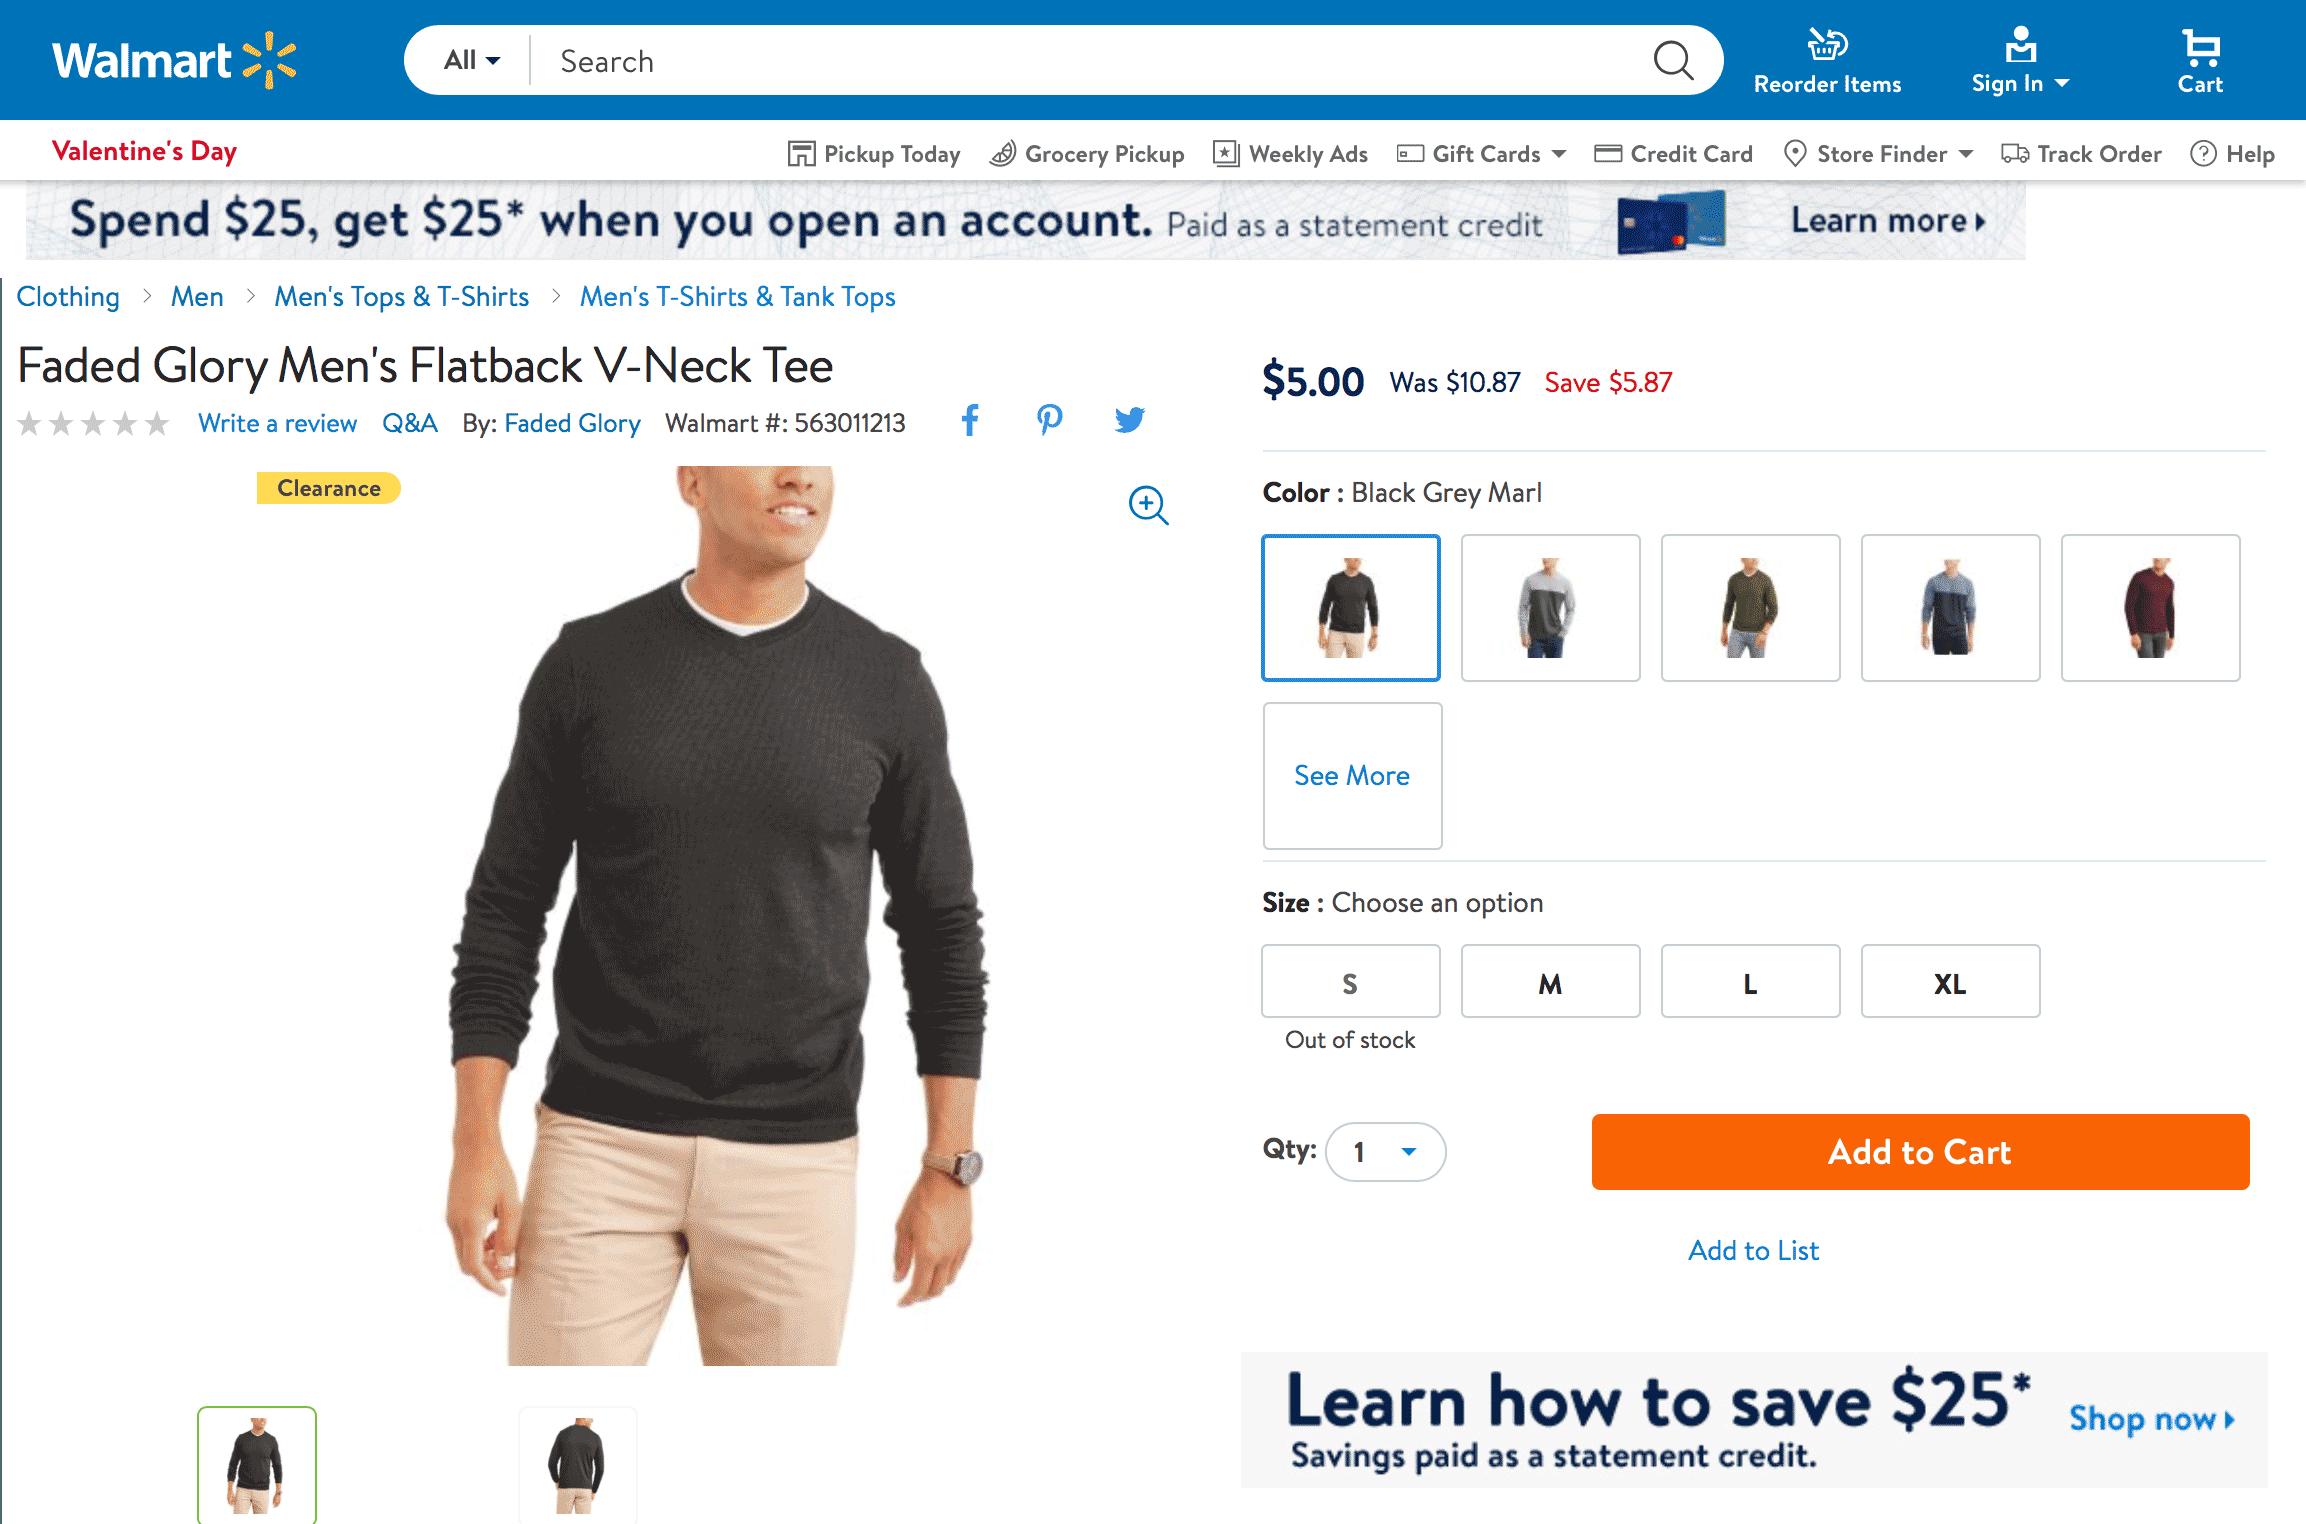 В «Волмарте» можно купить мужские джемперы за 5$